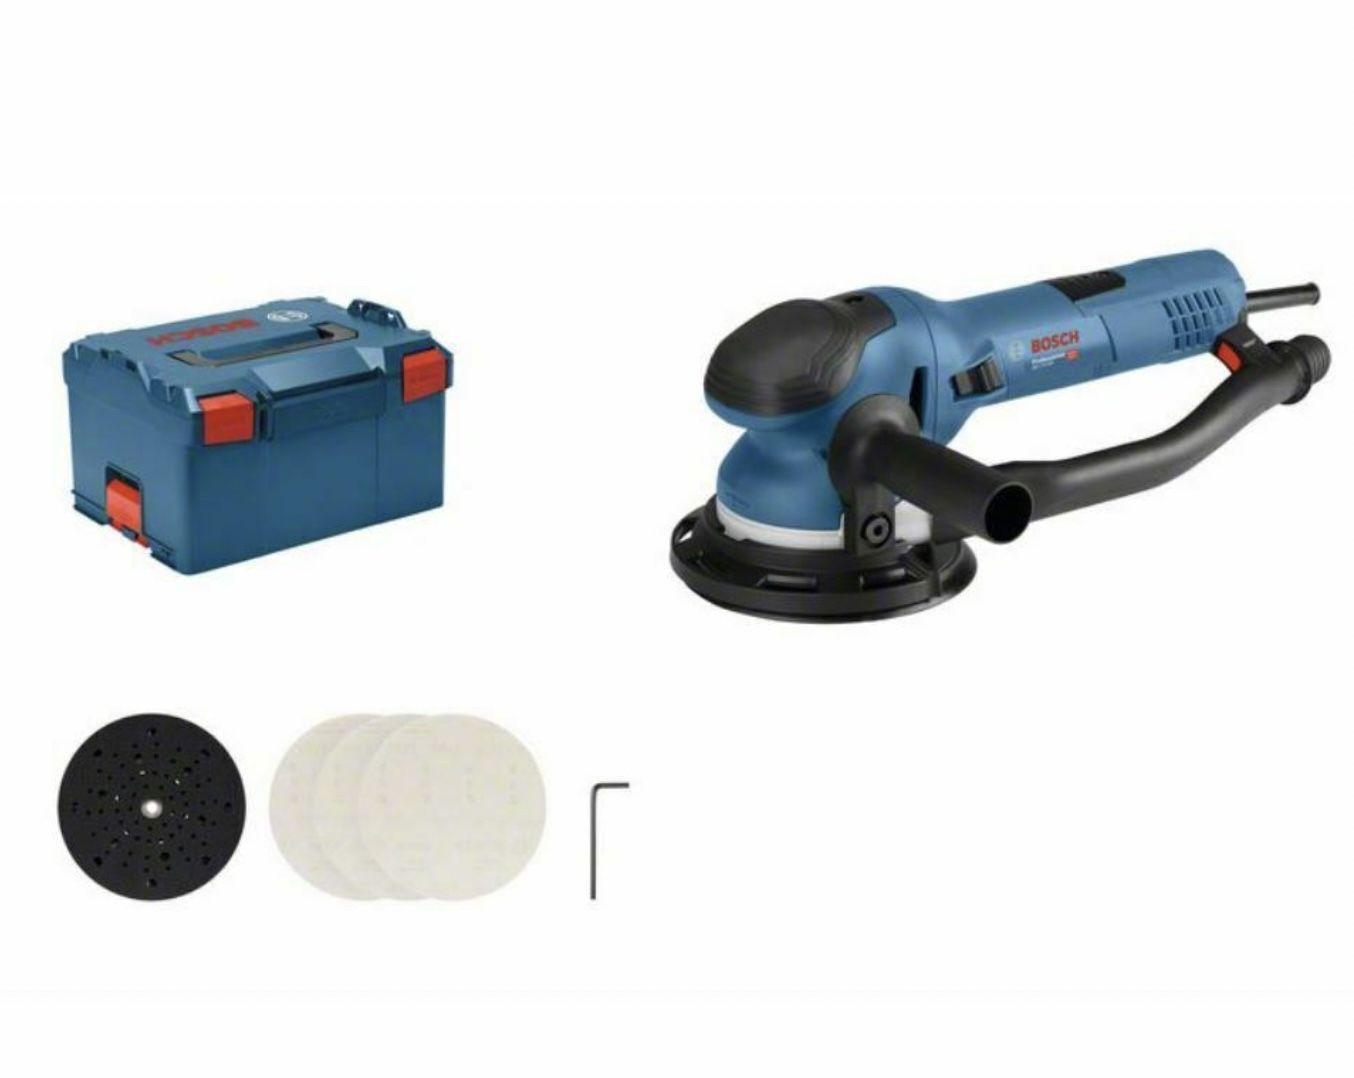 Bosch Exzenterschleifer GET 75-150 inkl. Zubehör in L-BOXX für 275,70€ (statt 322€)